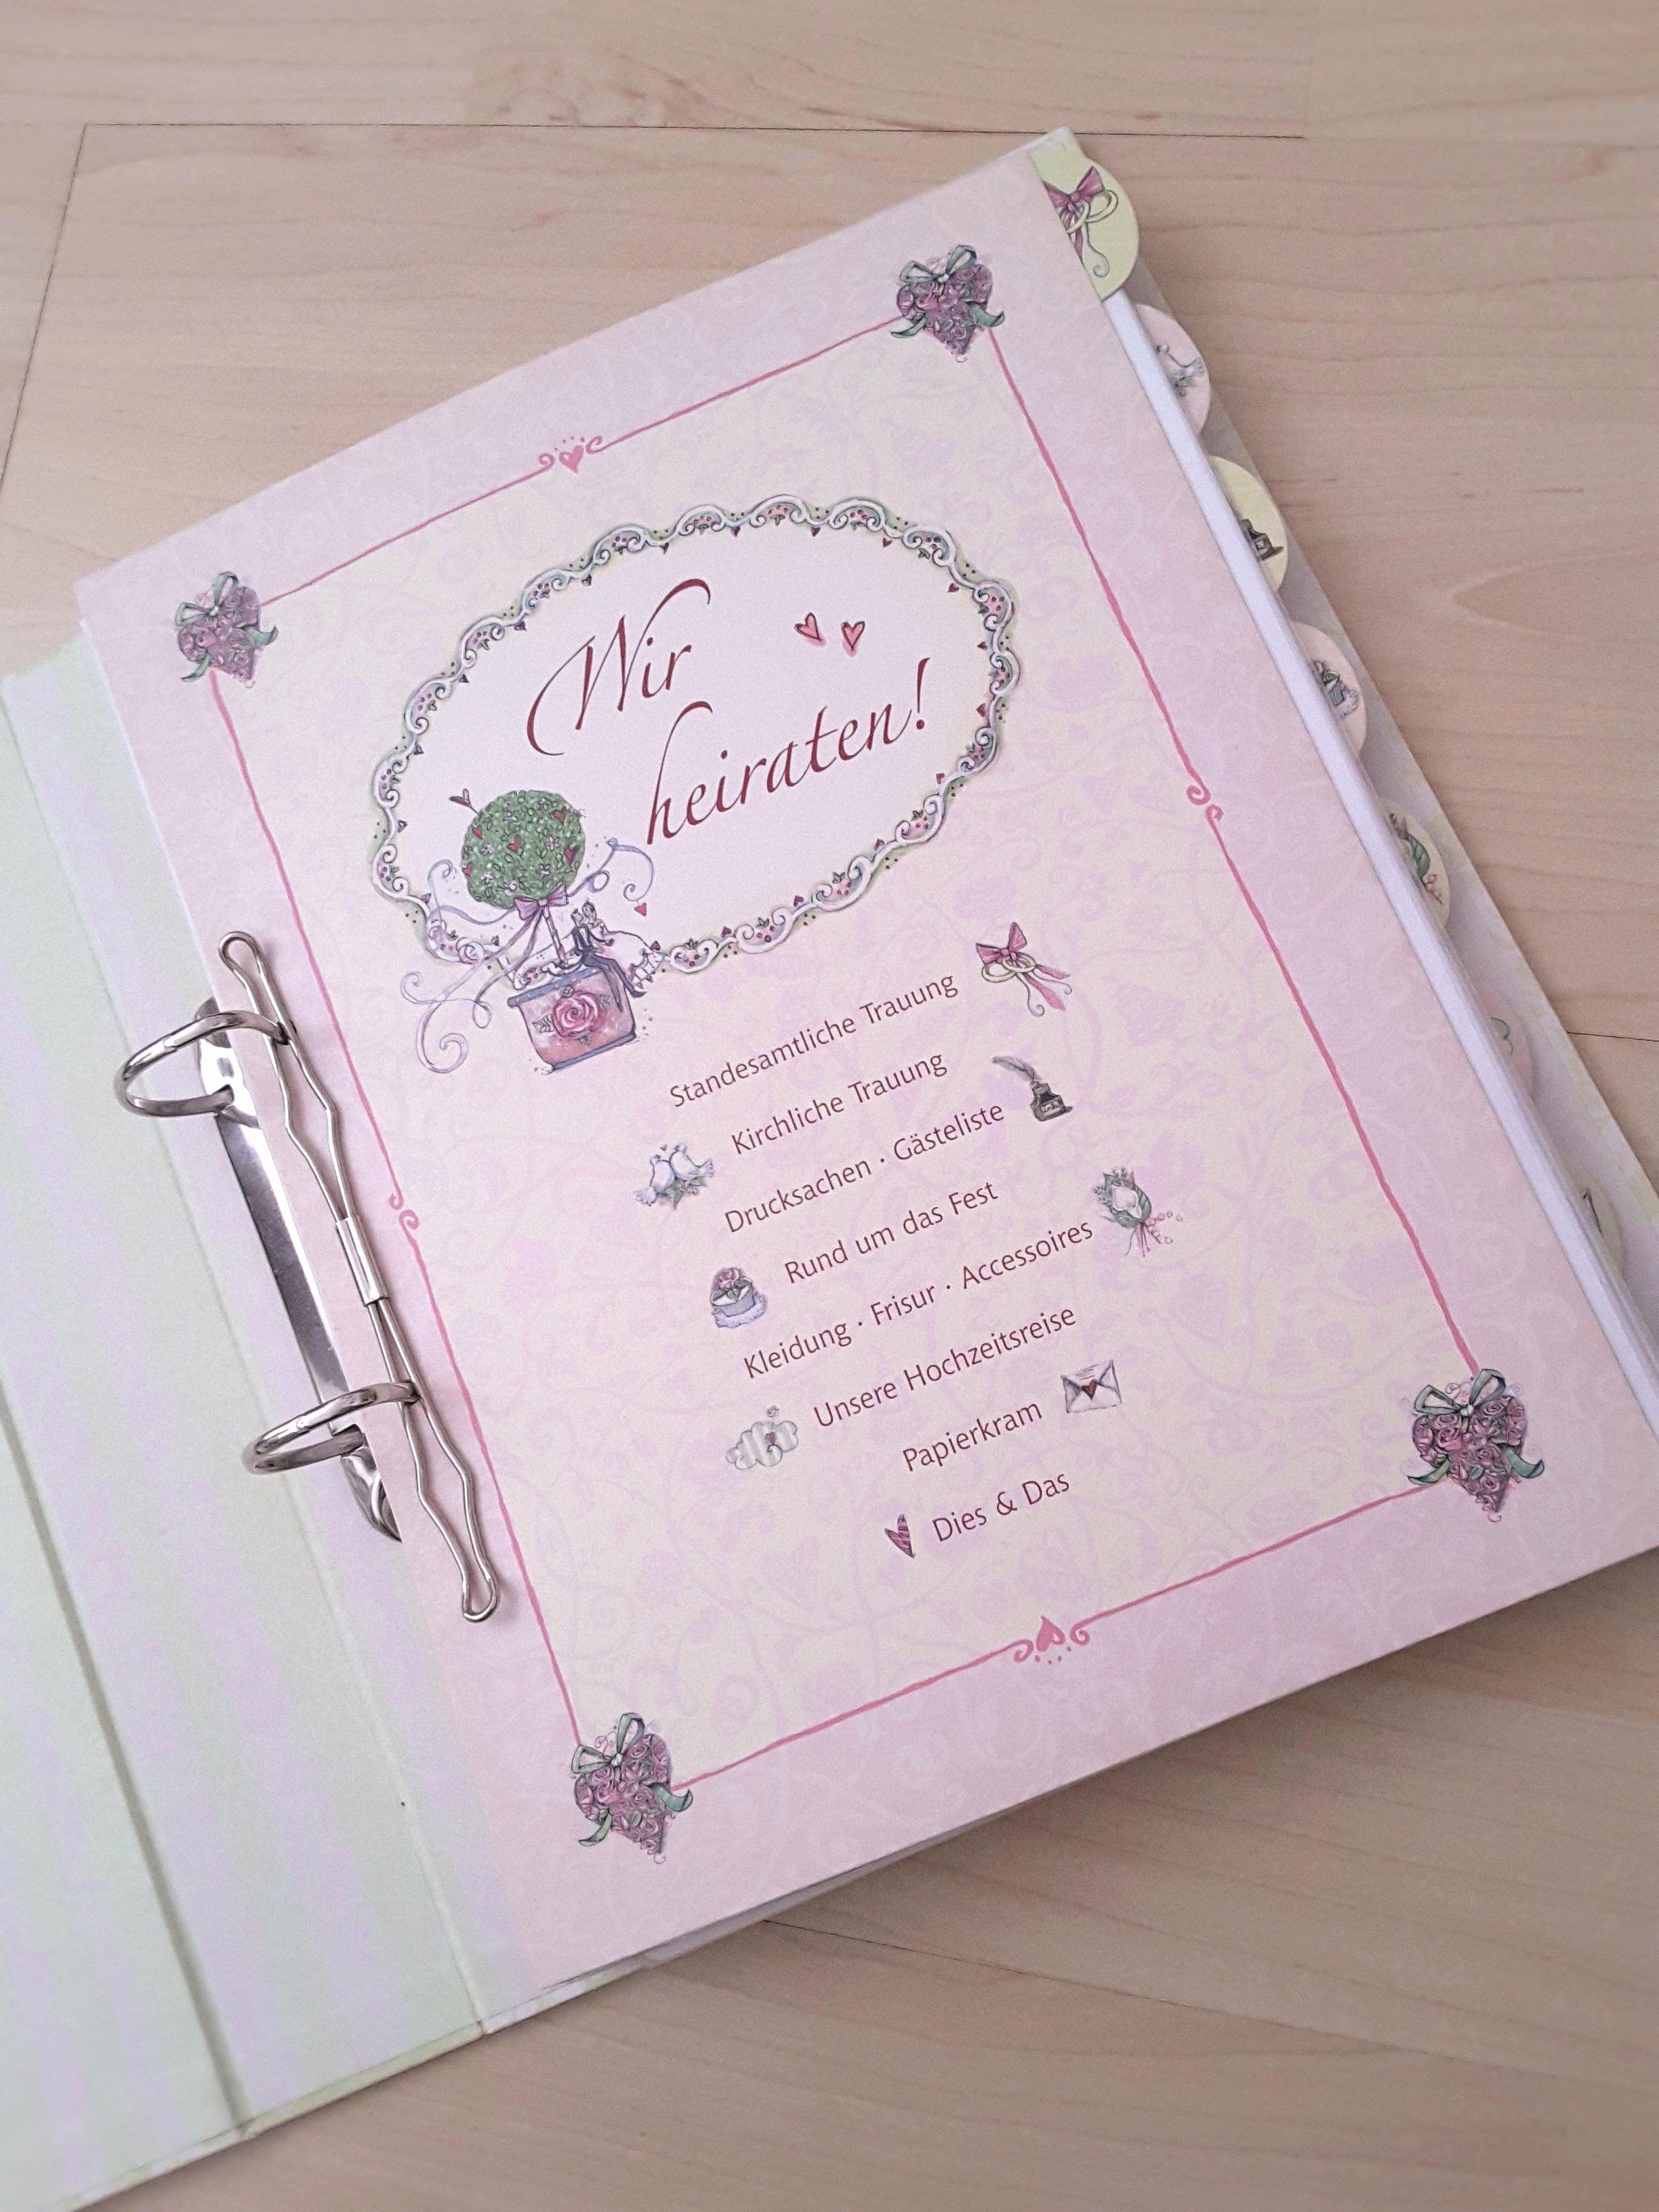 Moderne Hochzeitssprüche Für Karten  49 Schön Auflistung Von Moderne Hochzeitsspruche Fur